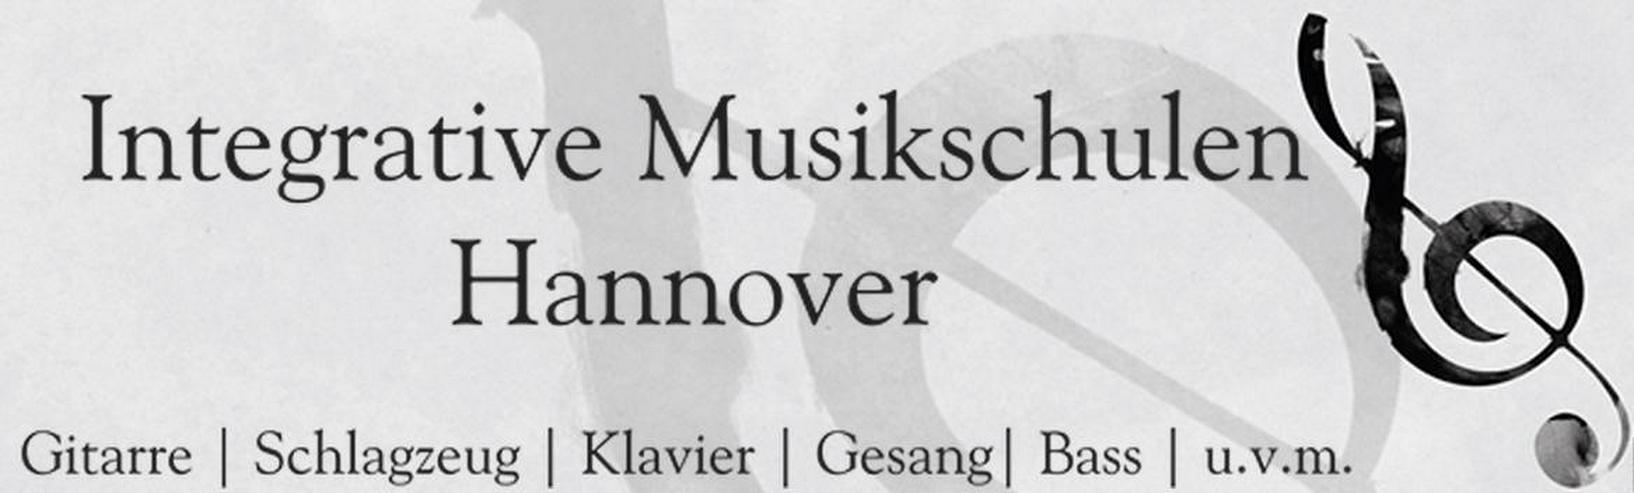 LehrerInnen für Klavier und Gesang in Hannover gesucht!